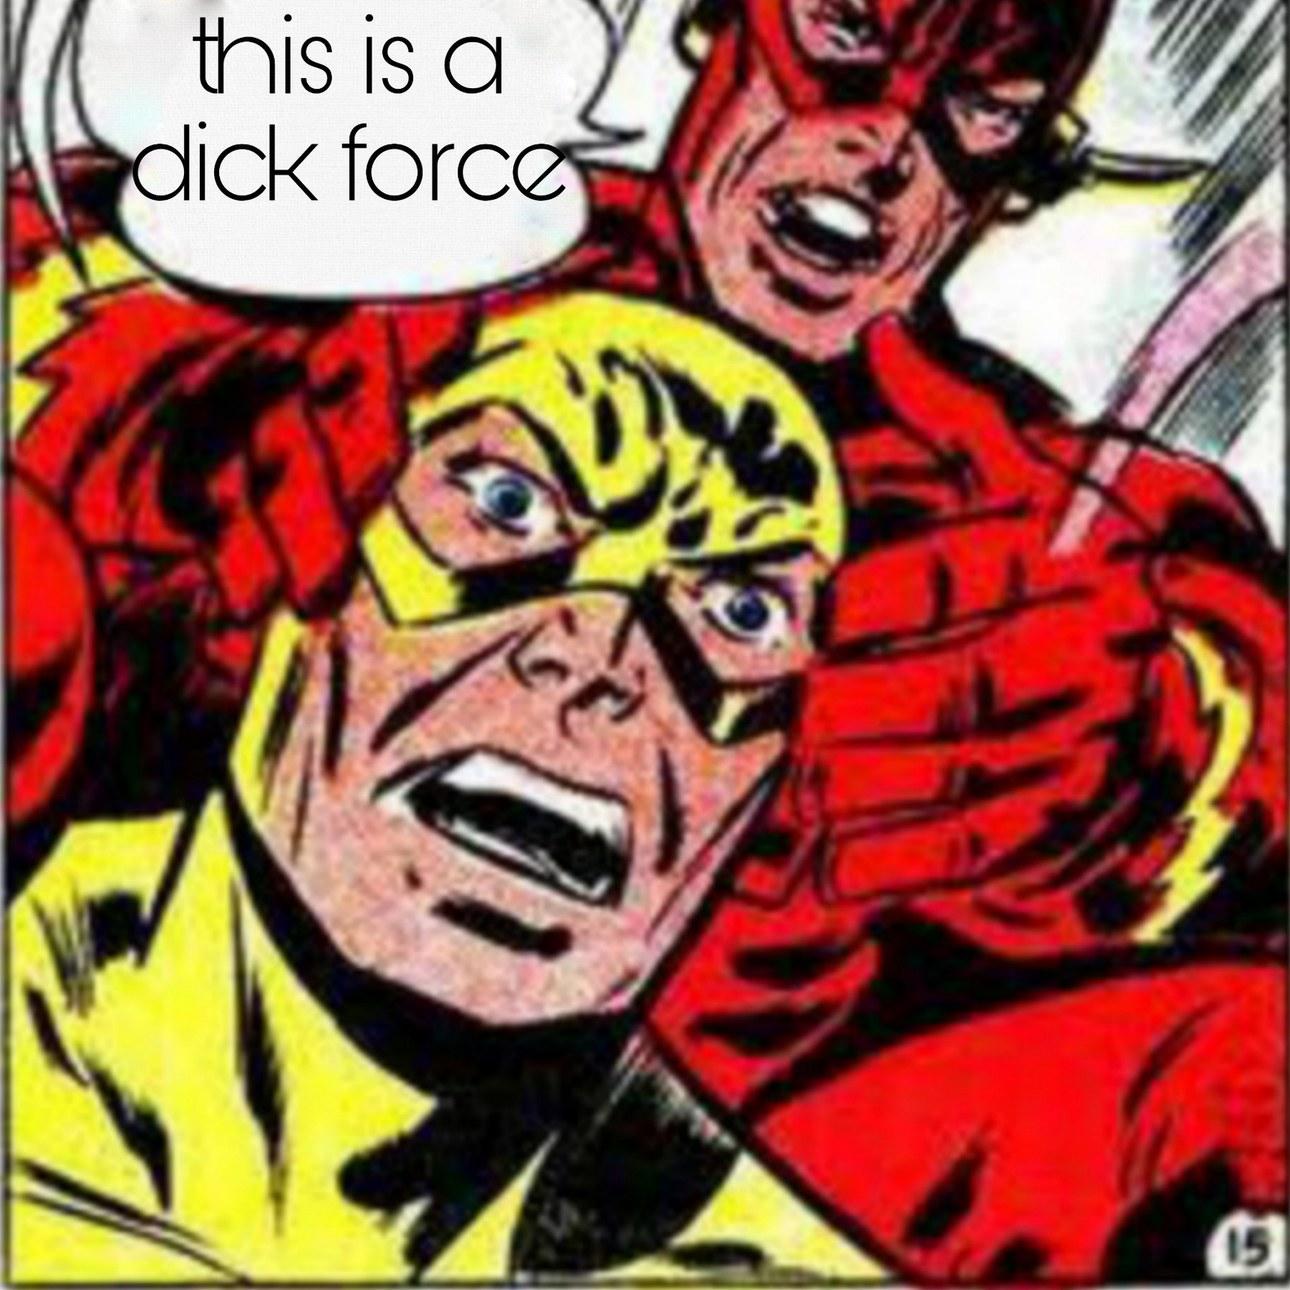 Dick force - meme